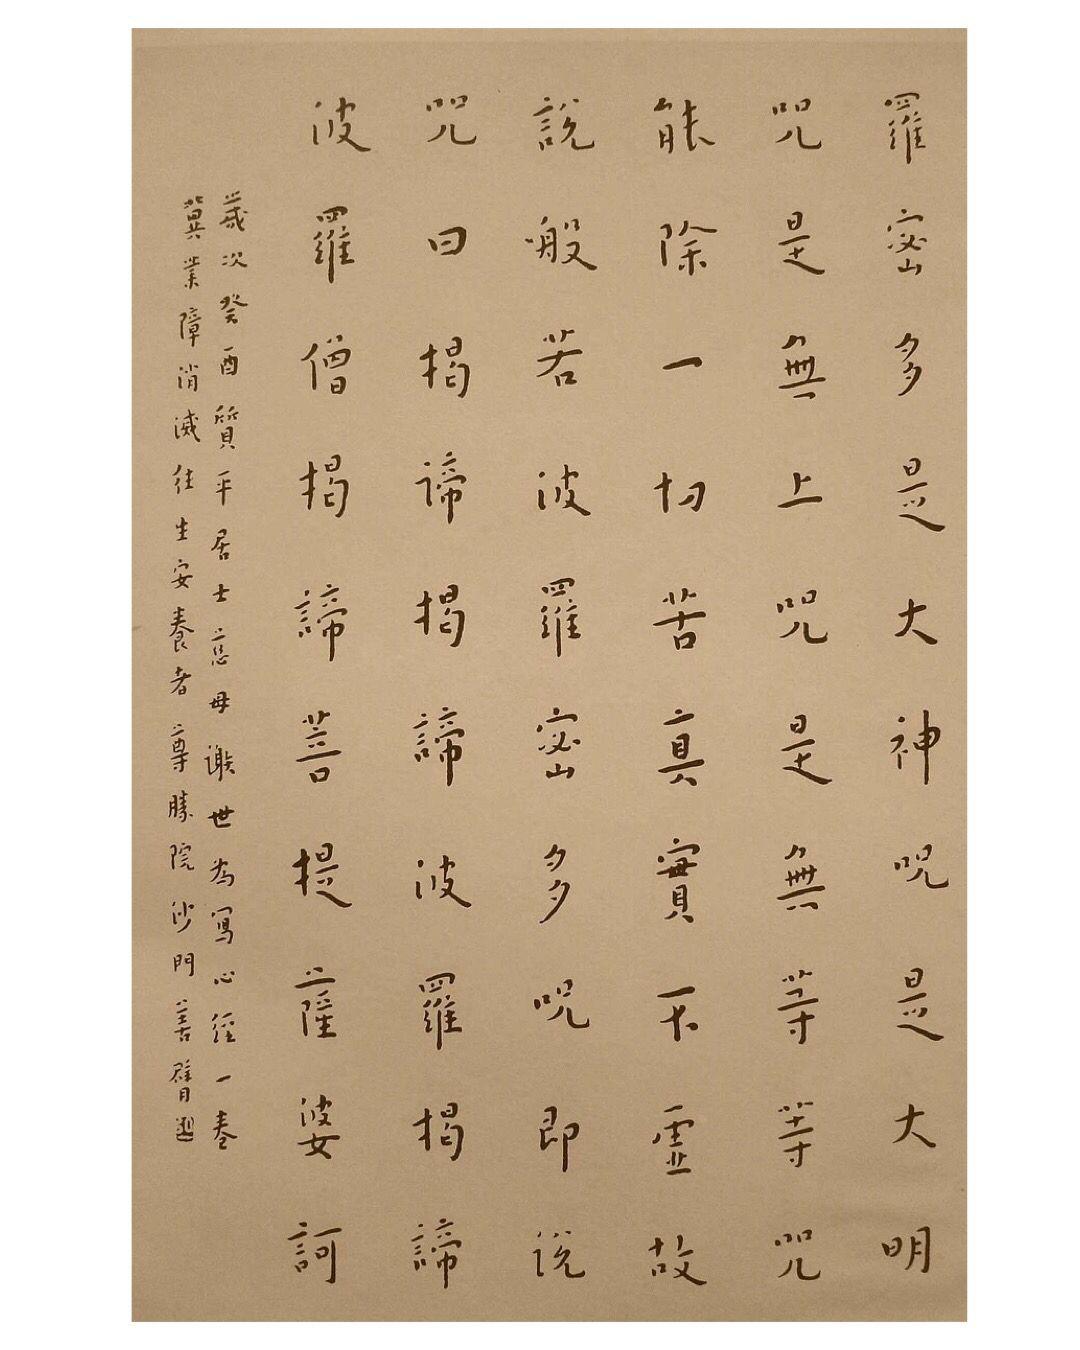 弘一法師 1880 1942 俗姓李 名息 學名文濤 字叔同 息霜等